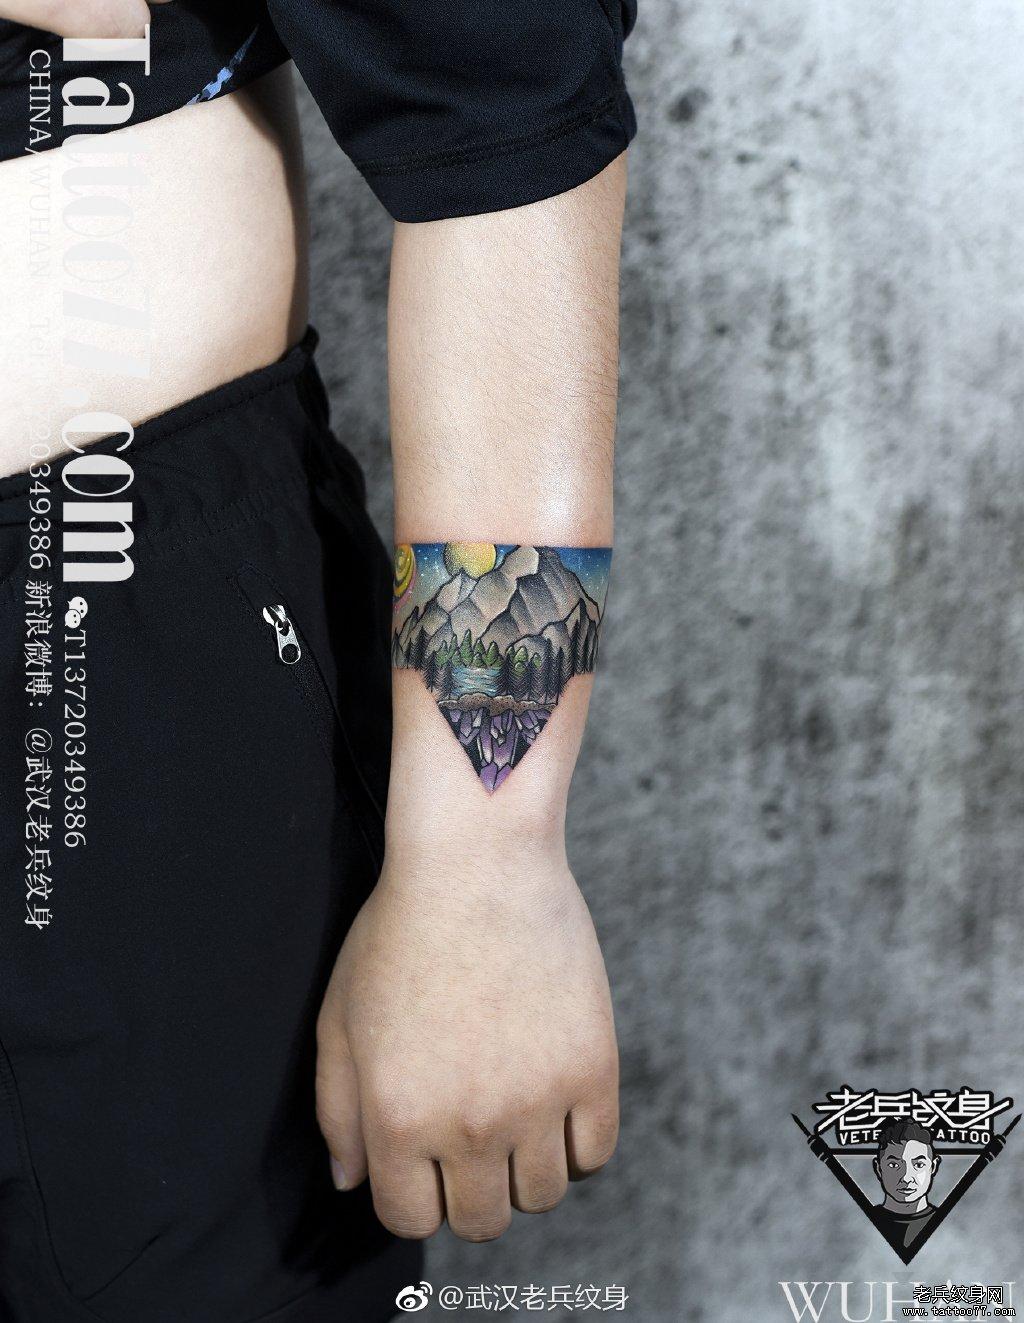 彩色山峰臂环纹身作品